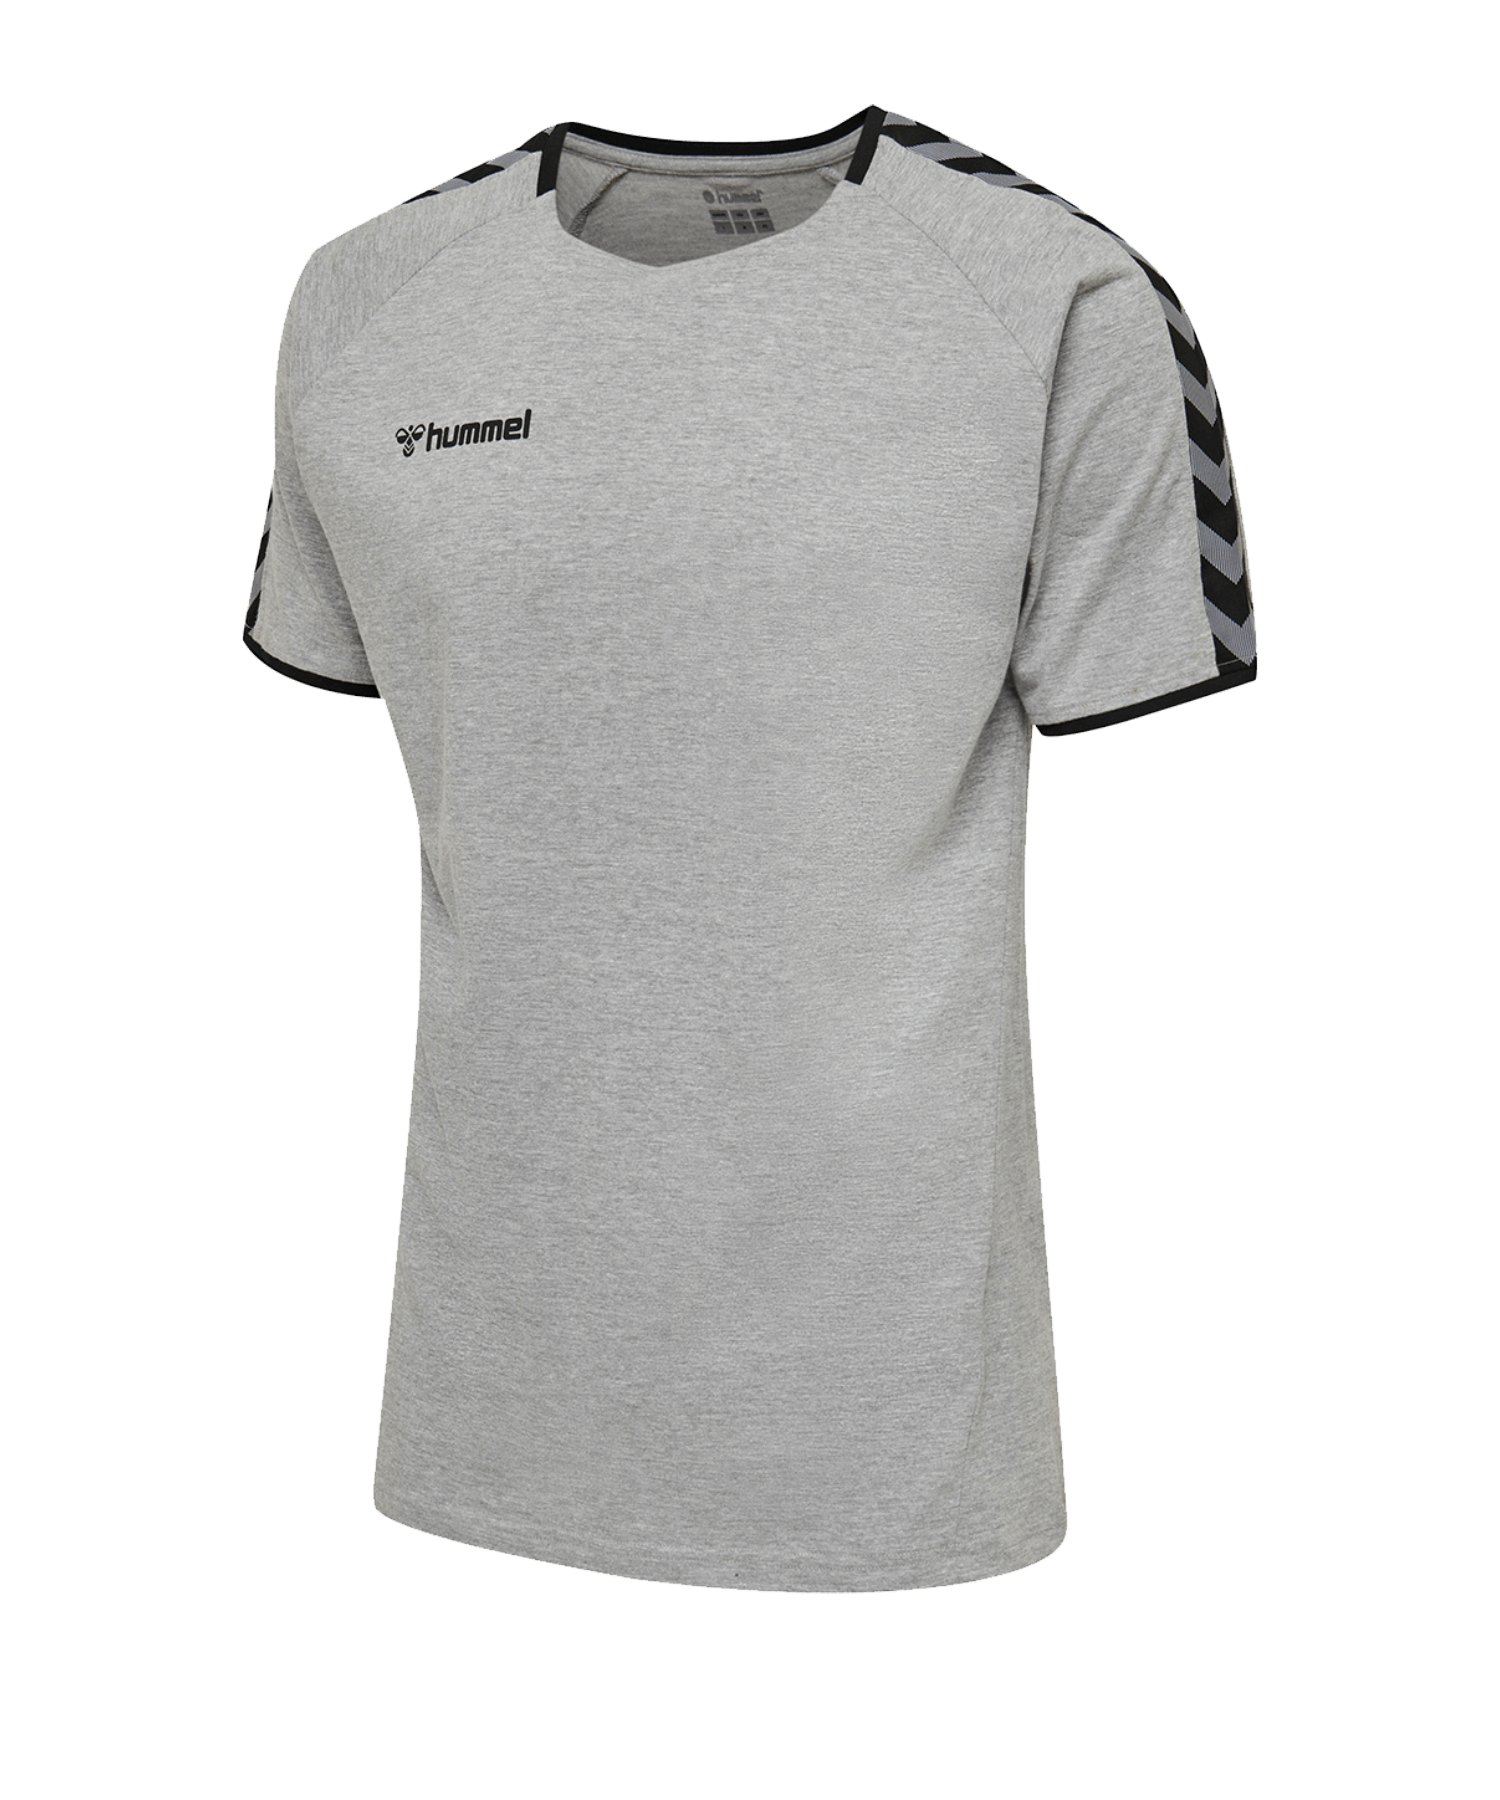 Hummel Authentic Trainingsshirt Grau F2006 - grau